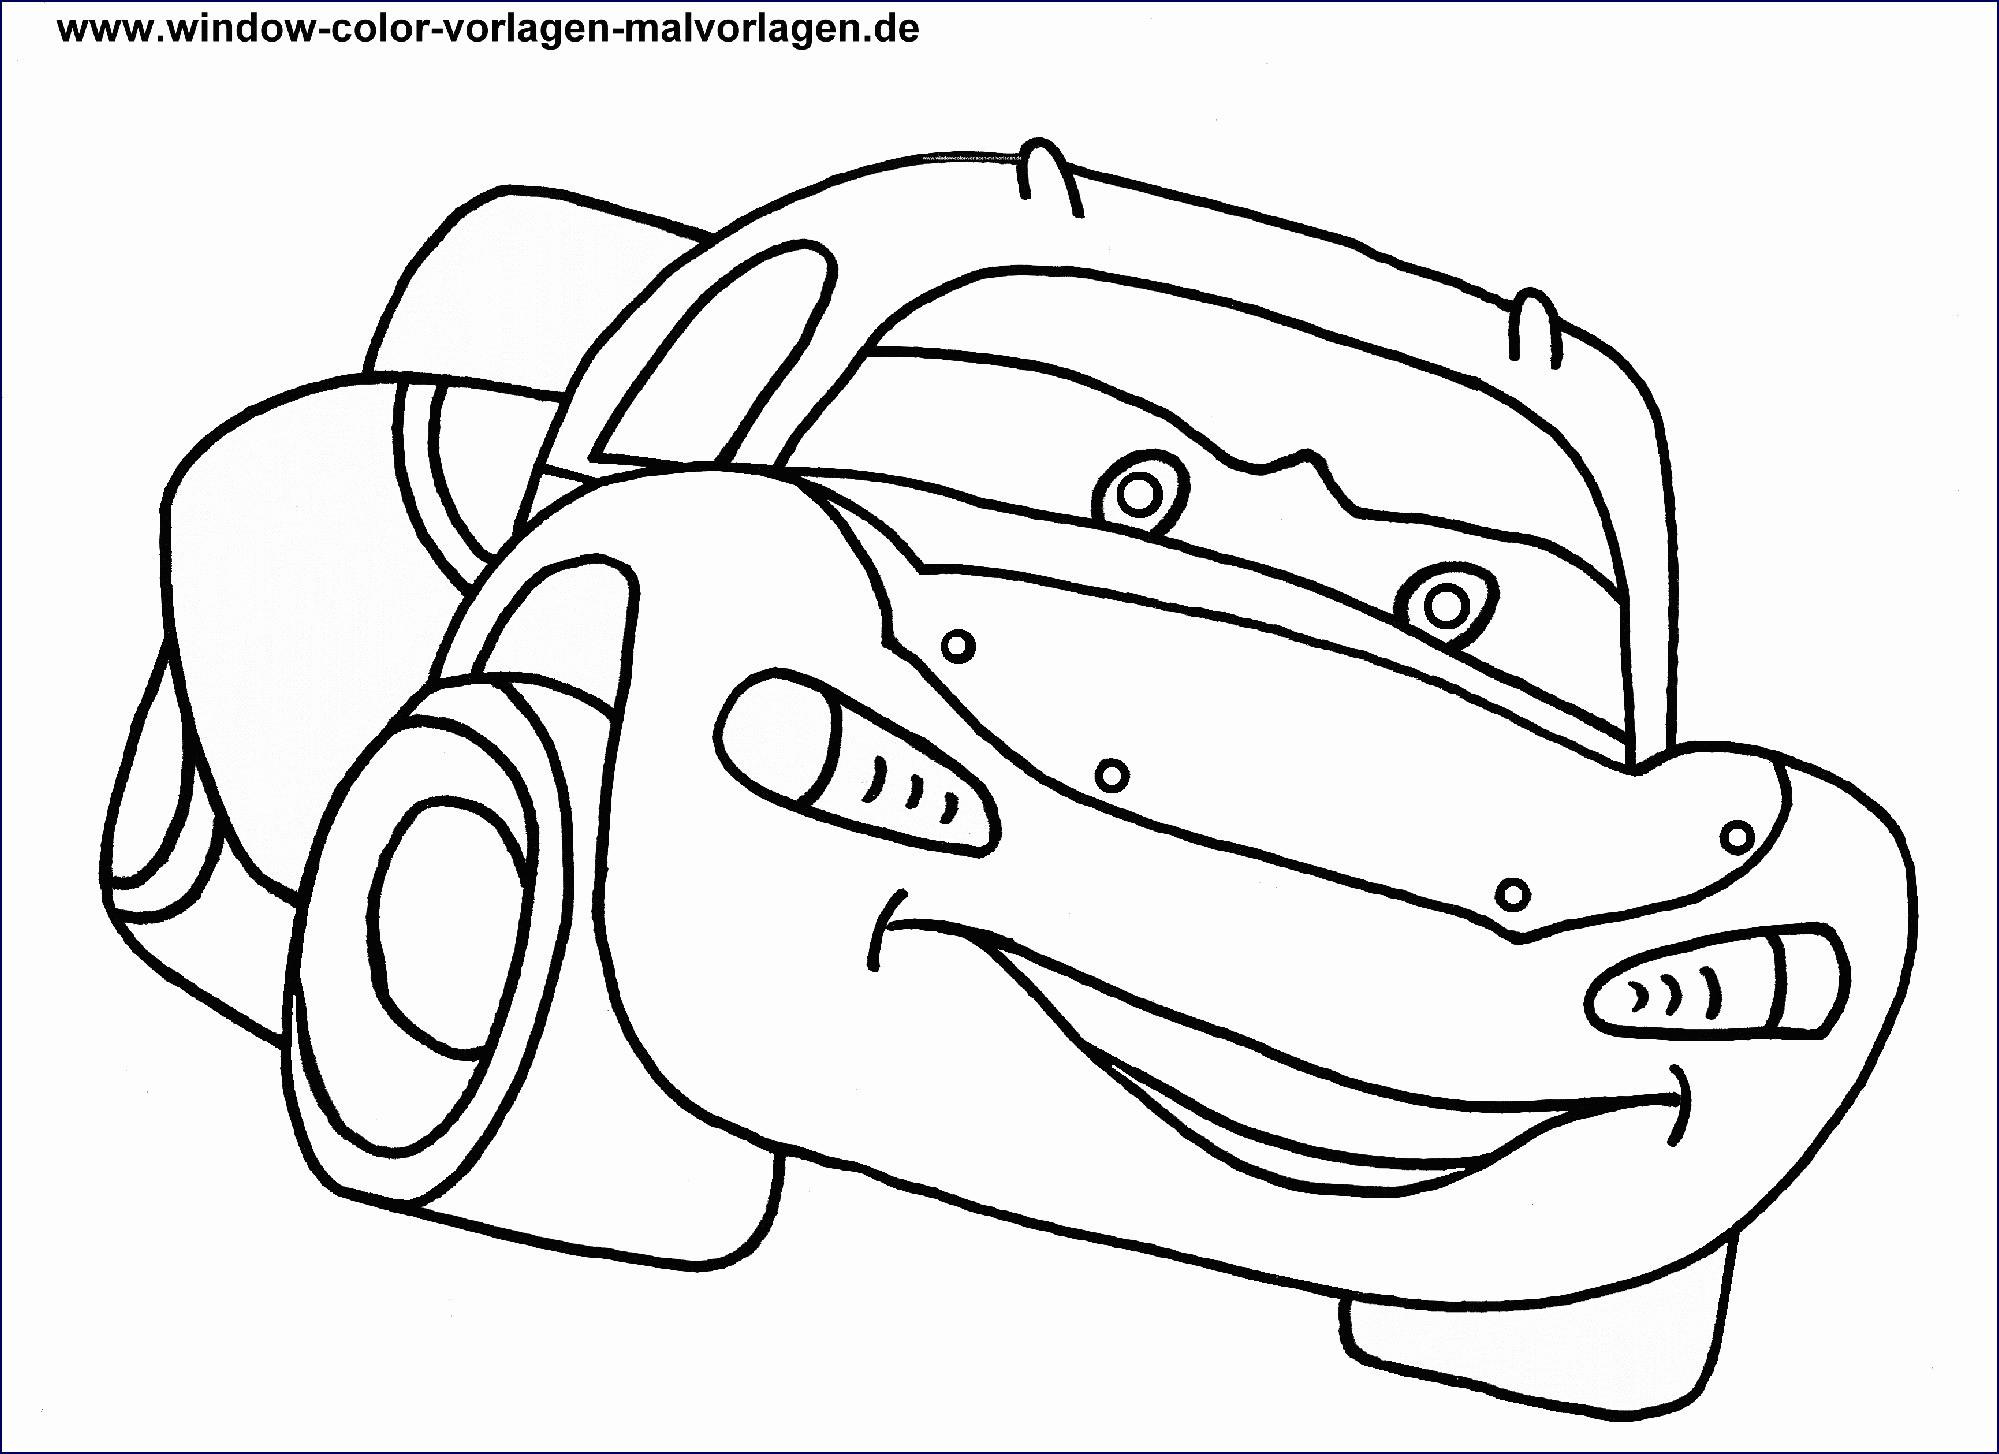 Ausmalbilder Lightning Mcqueen Inspirierend Ausmalbilder Cars Lightning Mcqueen Neu Polizei Ausmalbilder Zum Bild